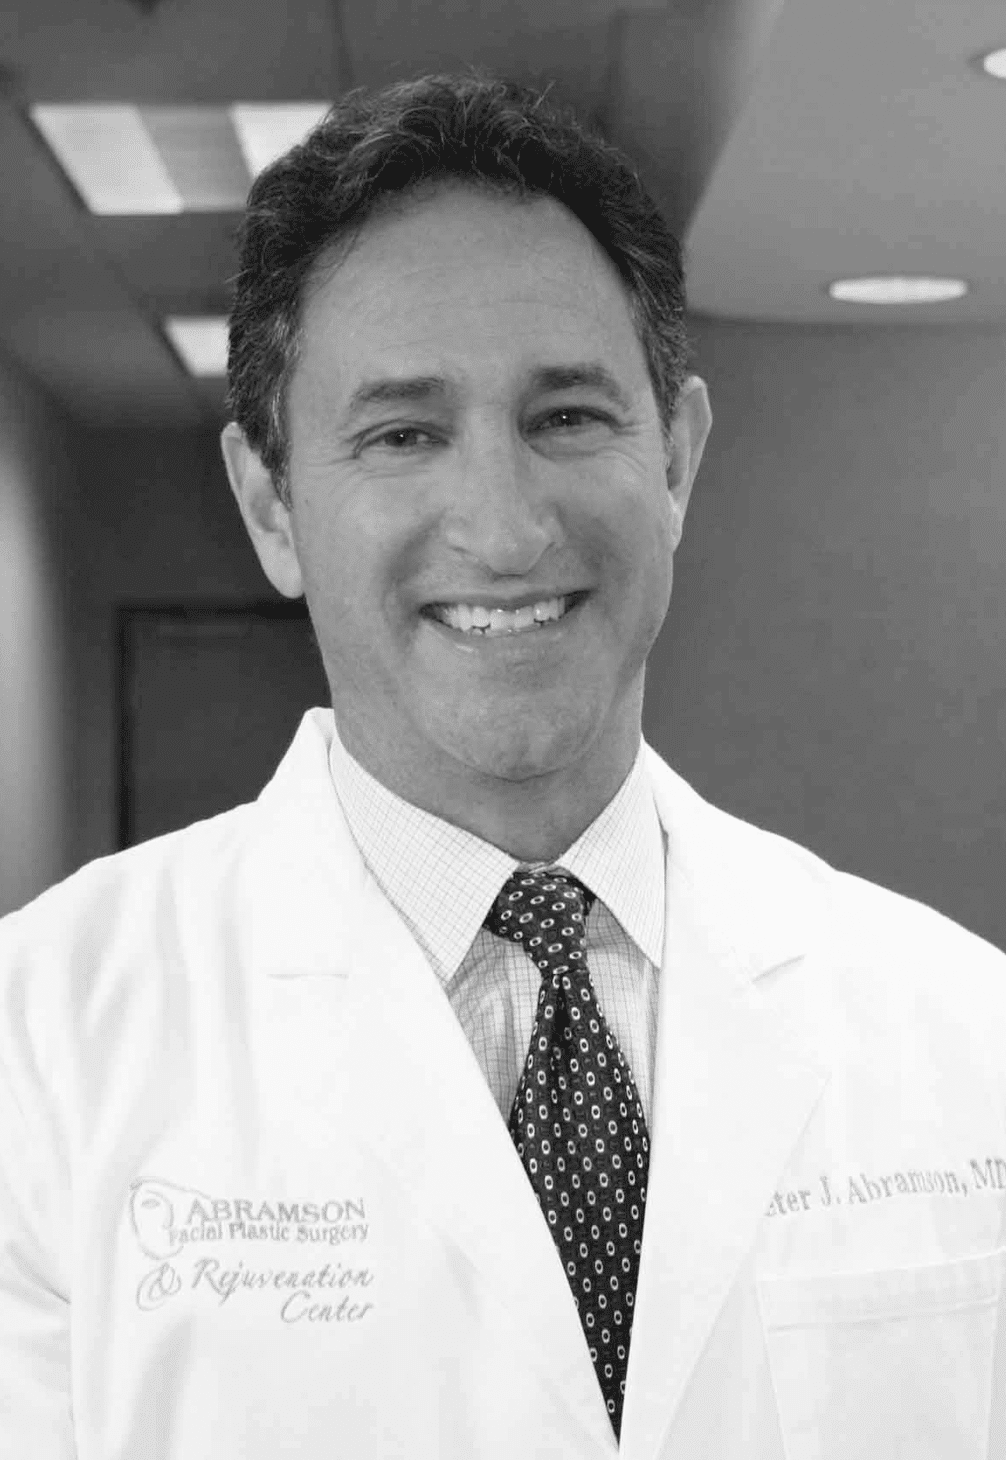 Dr. Peter Abramson in Atlanta